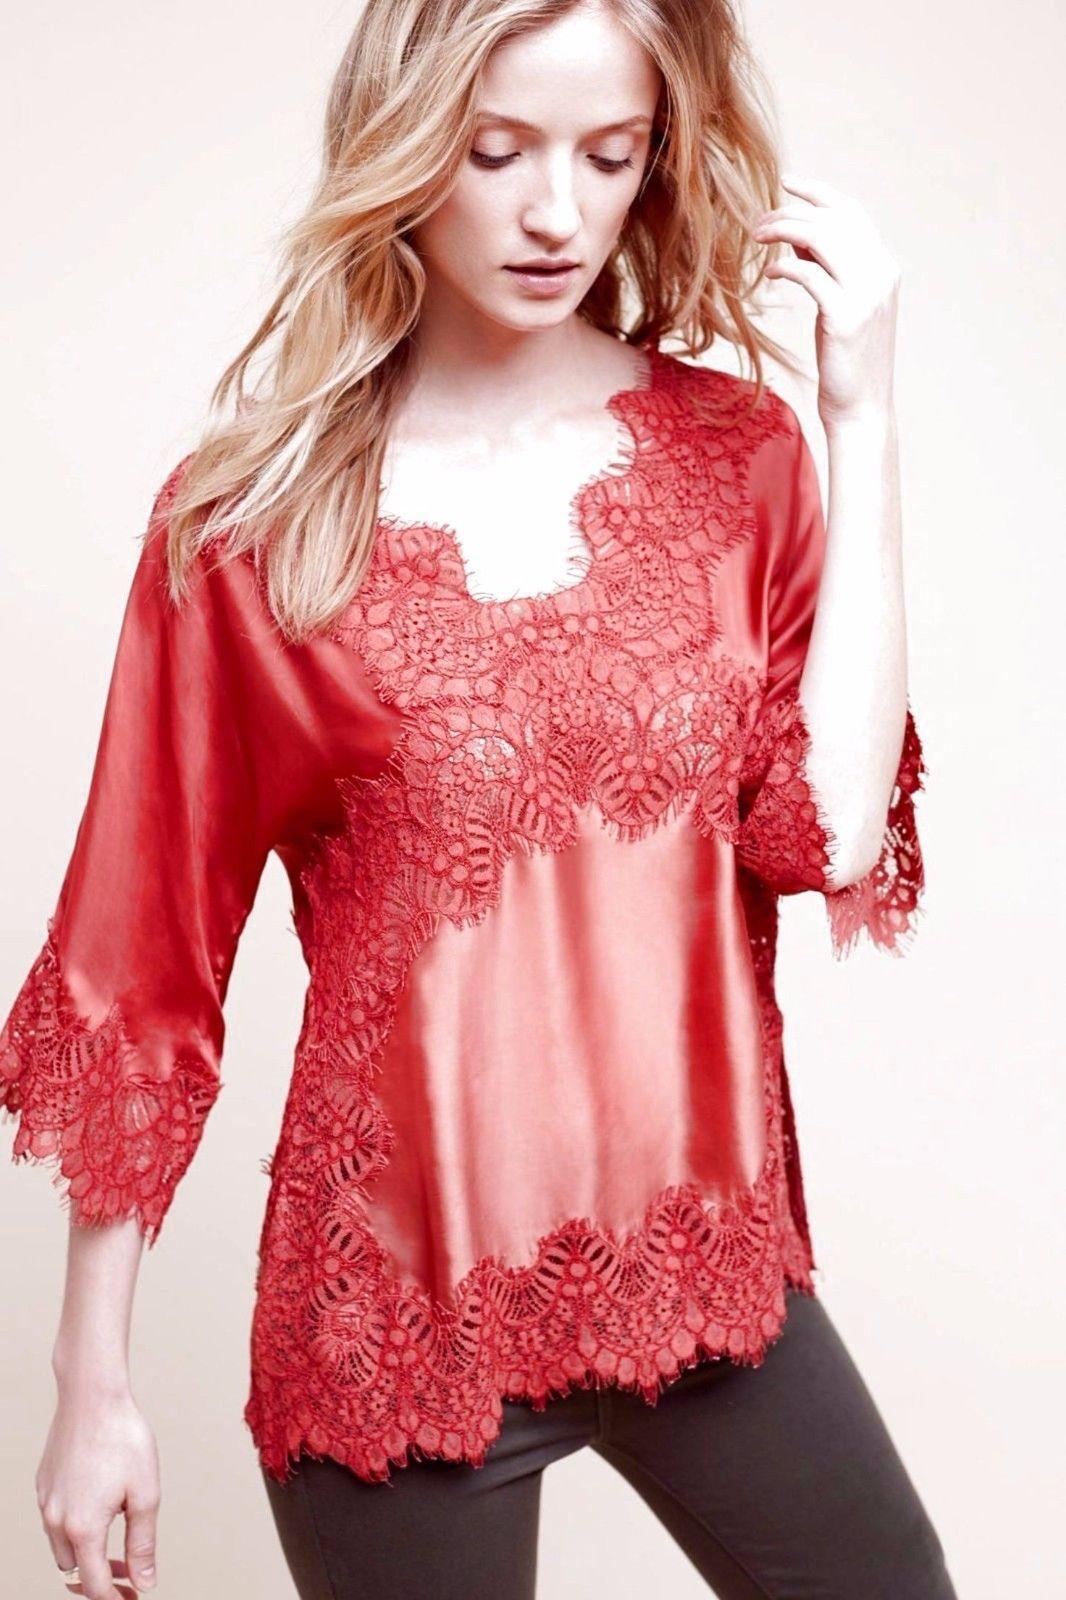 Anthropologie by moulinette soeurs bellsleeve lace blouse orange